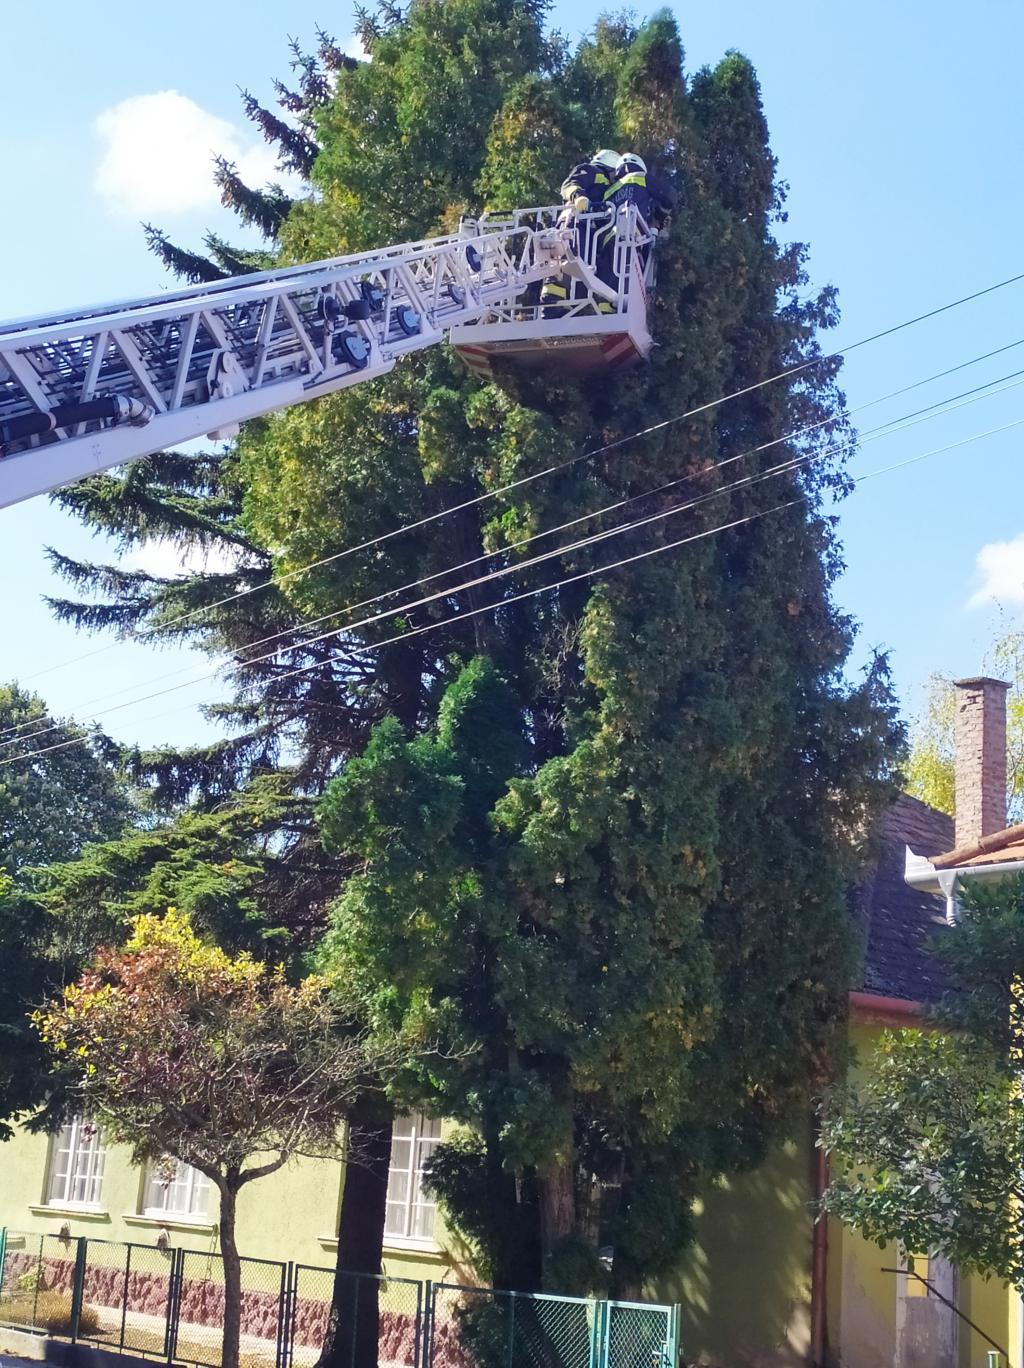 Kosárban emelték fel a tűzoltókat a fához